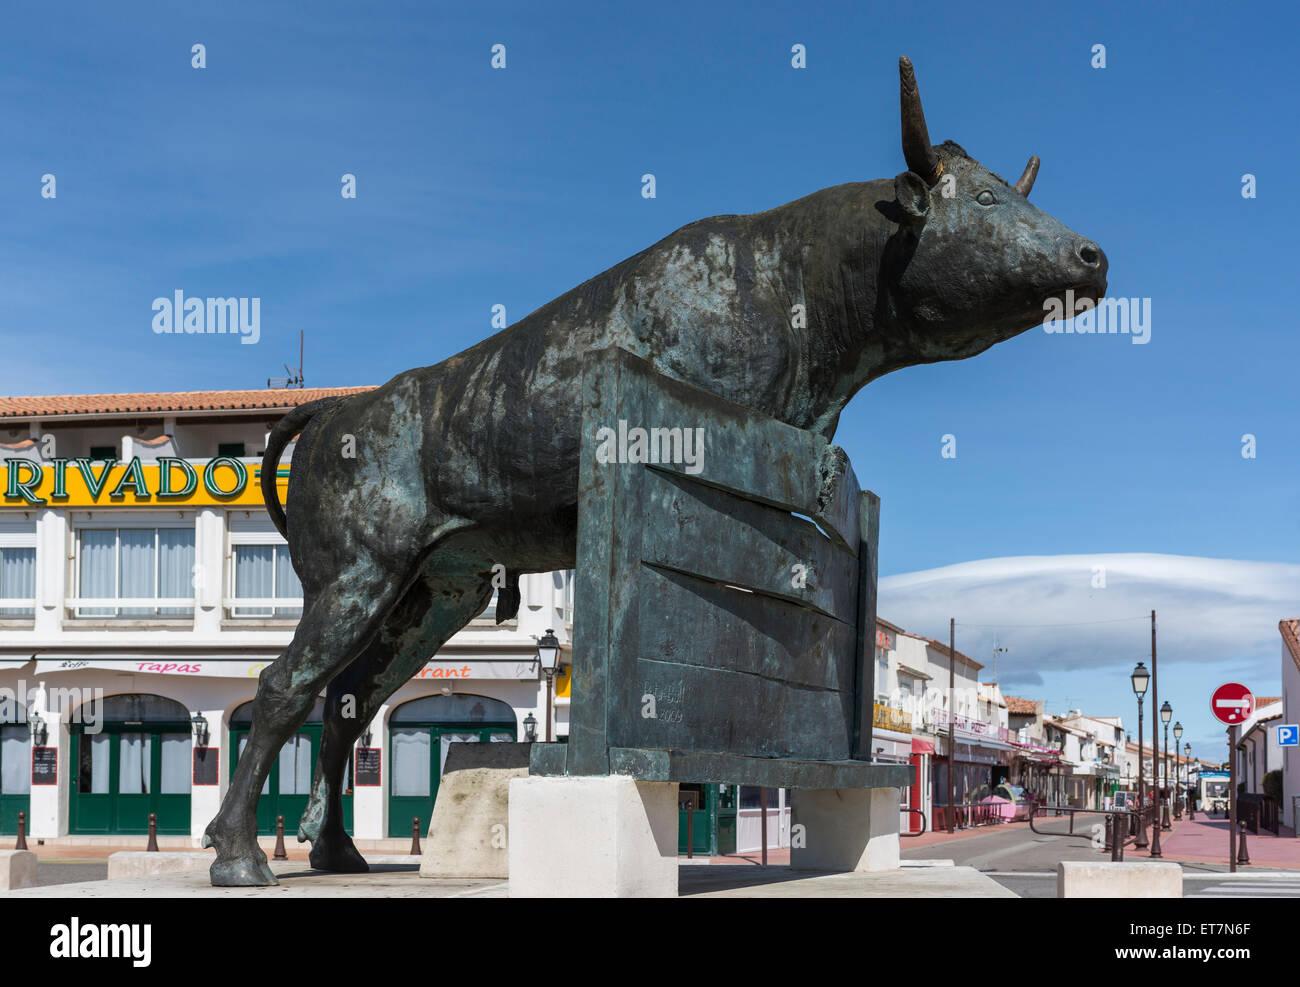 Monument de la tauromachie, des Saintes-Maries-de-la-Mer, Provence-Alpes-Côte d&#39;Azur, France Photo Stock